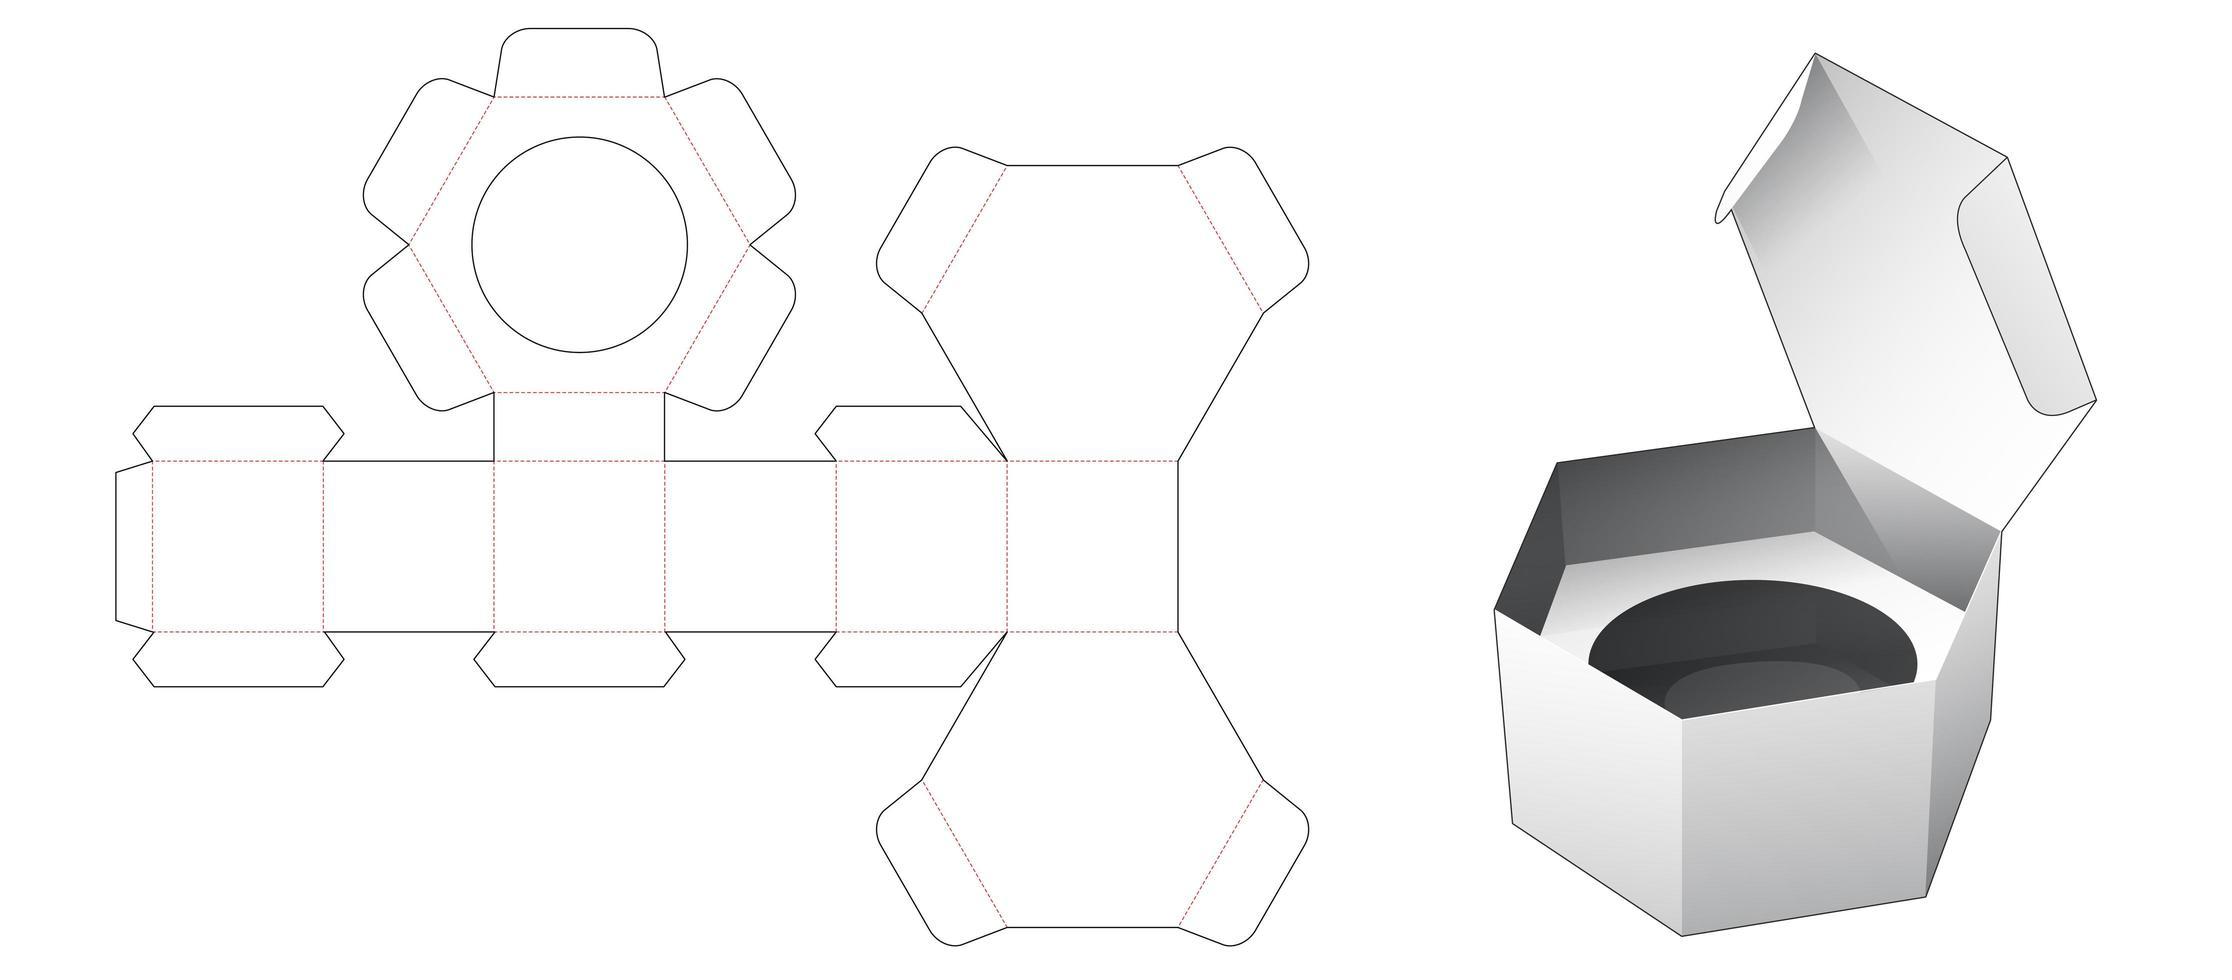 1 st kartong sexkantig förpackning med insats vektor